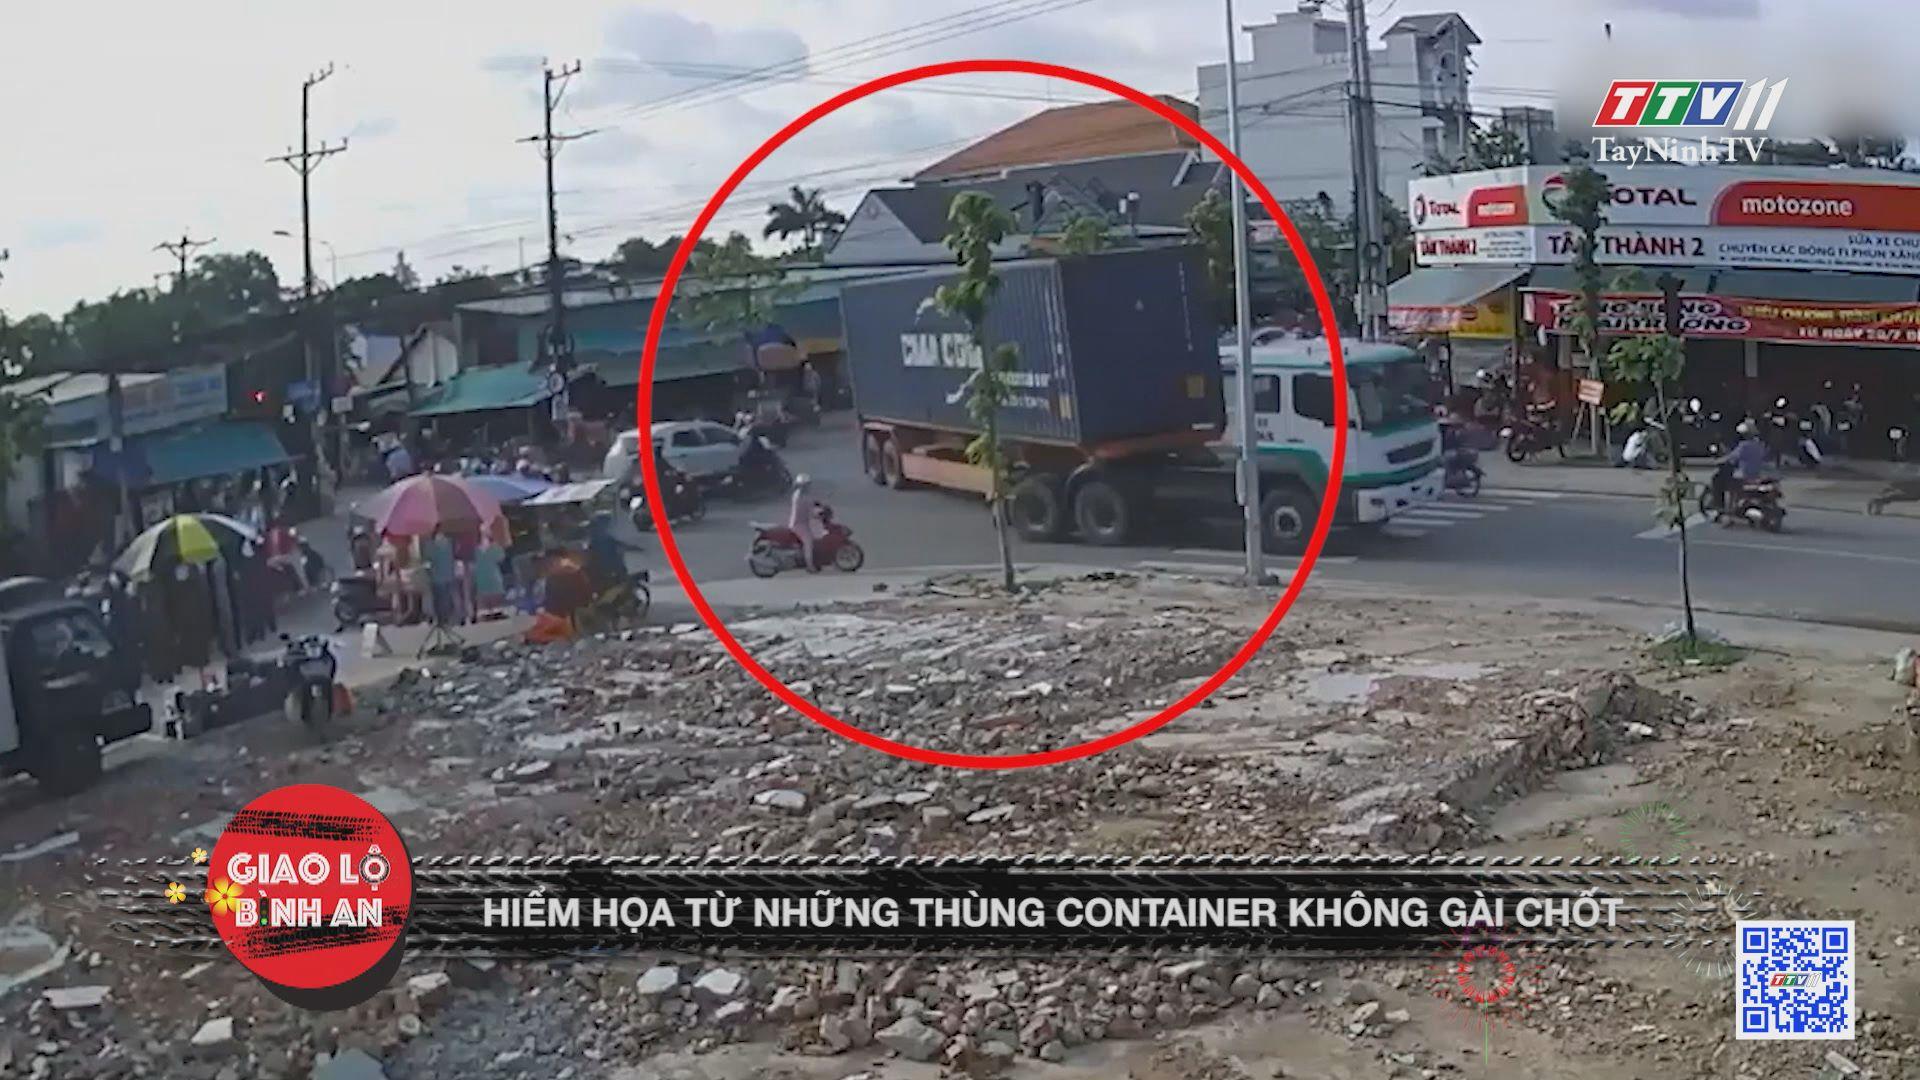 Hiểm họa từ những thùng container không gài chốt | GIAO LỘ BÌNH AN | TayNinhTVE